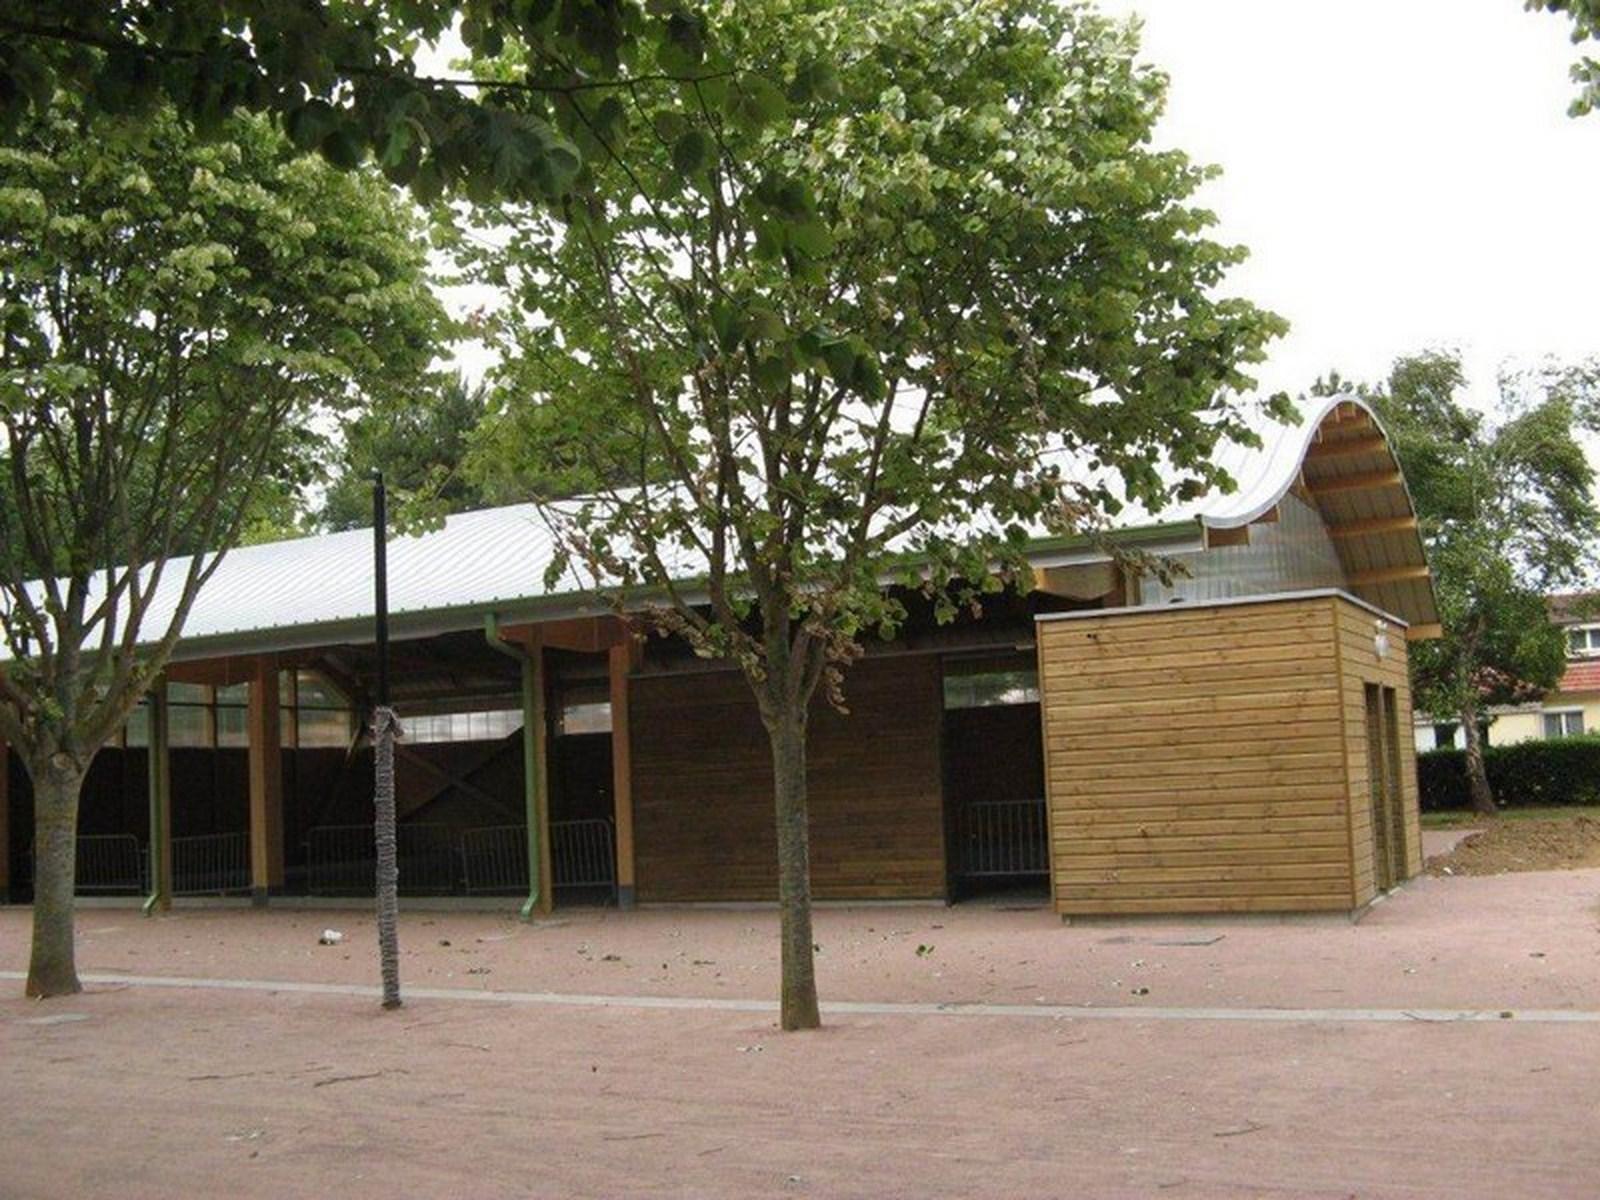 Boulodrome portique bois - Bureau d'etudes structure bois : Lefebvre Sylvain - Vue extérieur final